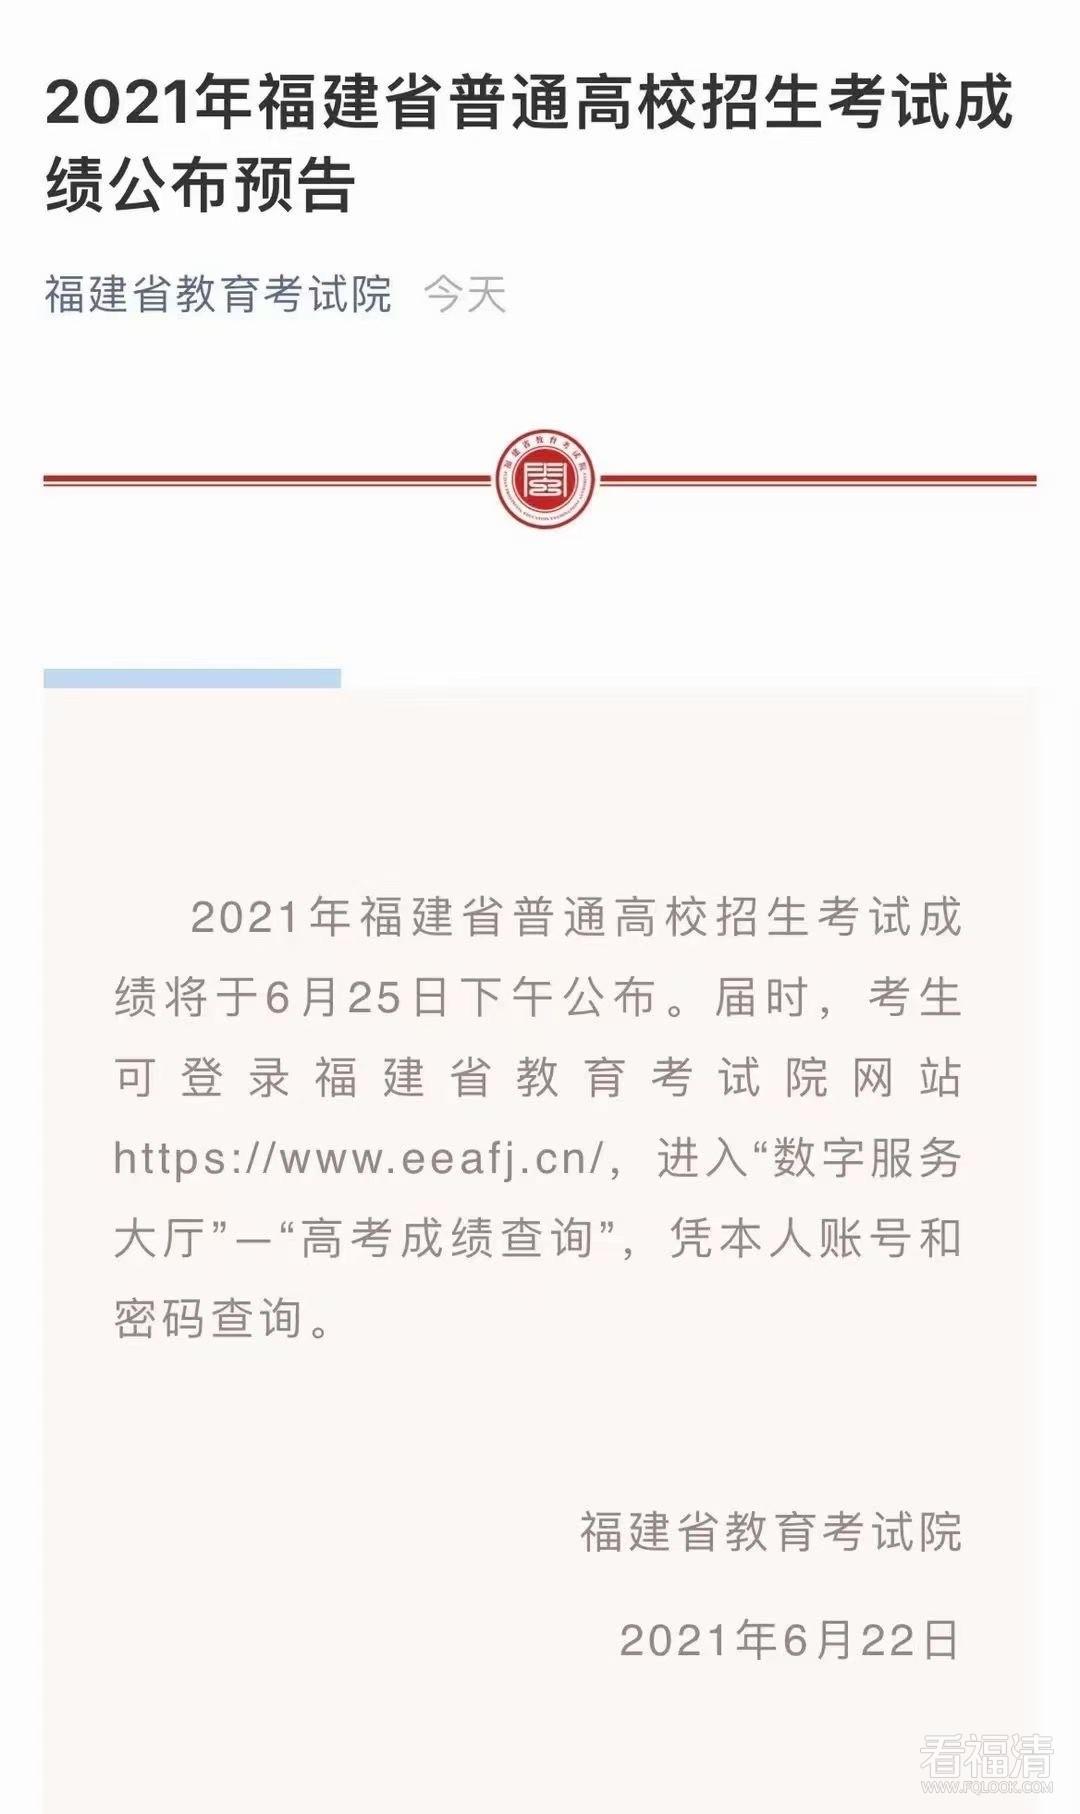 6月25日福清考生可以查询高考成绩啦